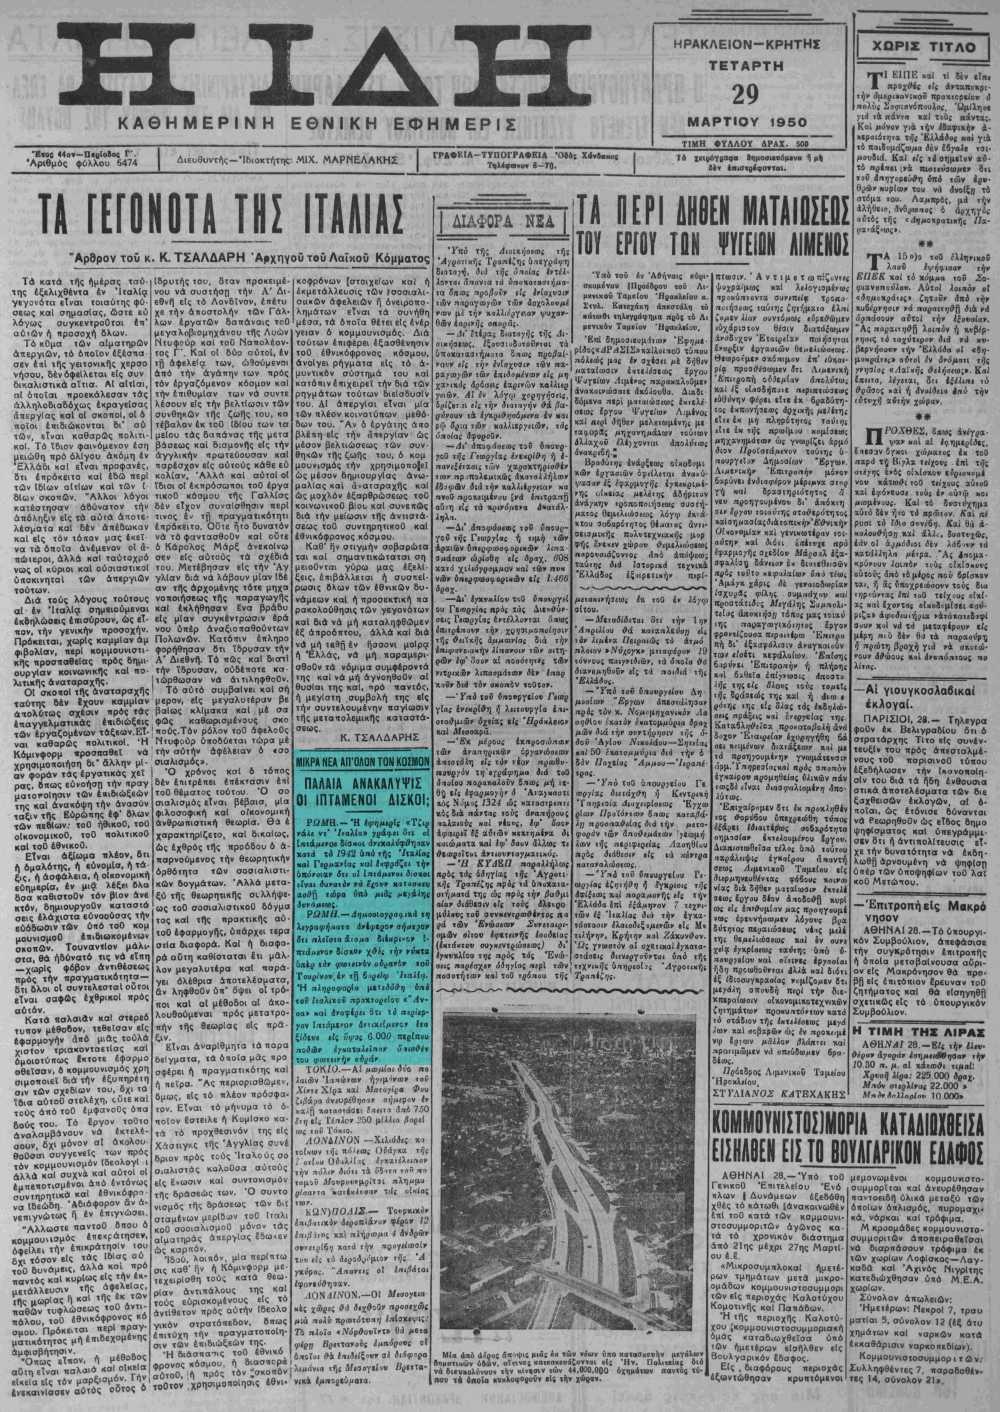 """Το άρθρο, όπως δημοσιεύθηκε στην εφημερίδα """"Η ΙΔΗ"""", στις 29/03/1950"""